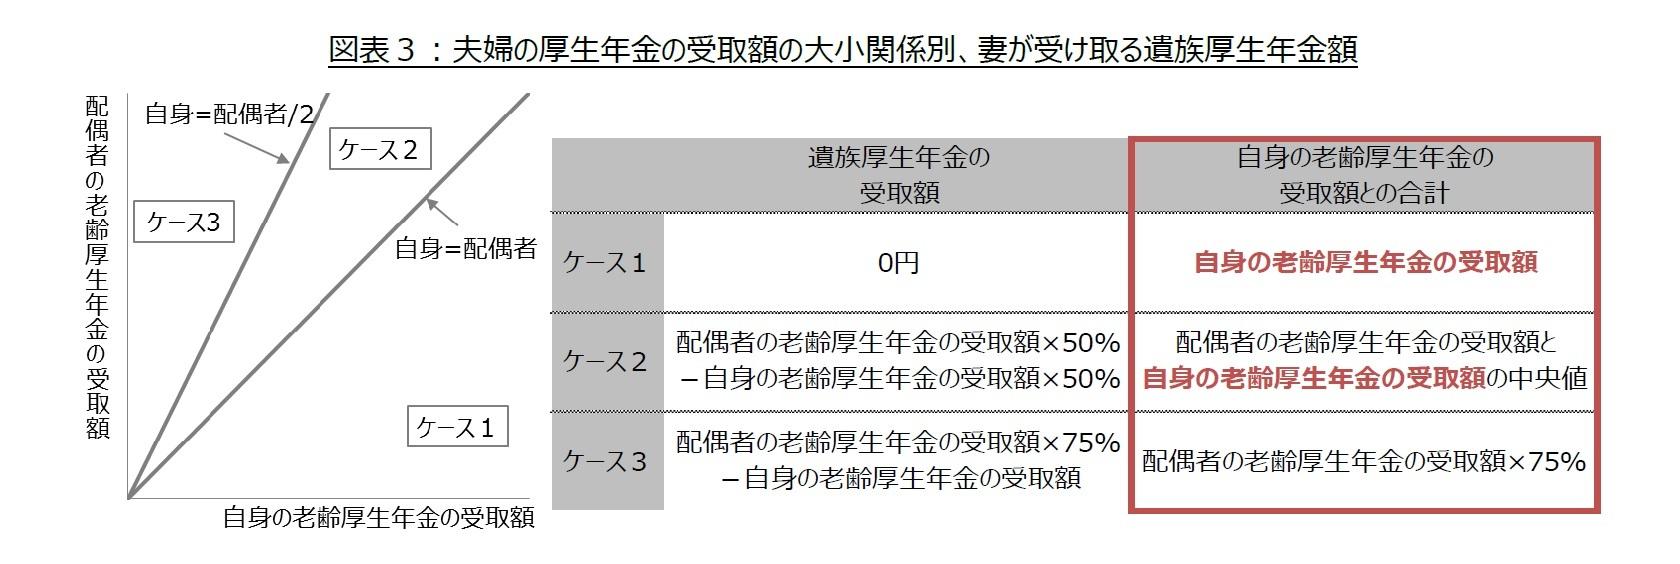 図表3:夫婦の厚生年金の受取額の大小関係別、妻が受け取る遺族厚生年金額